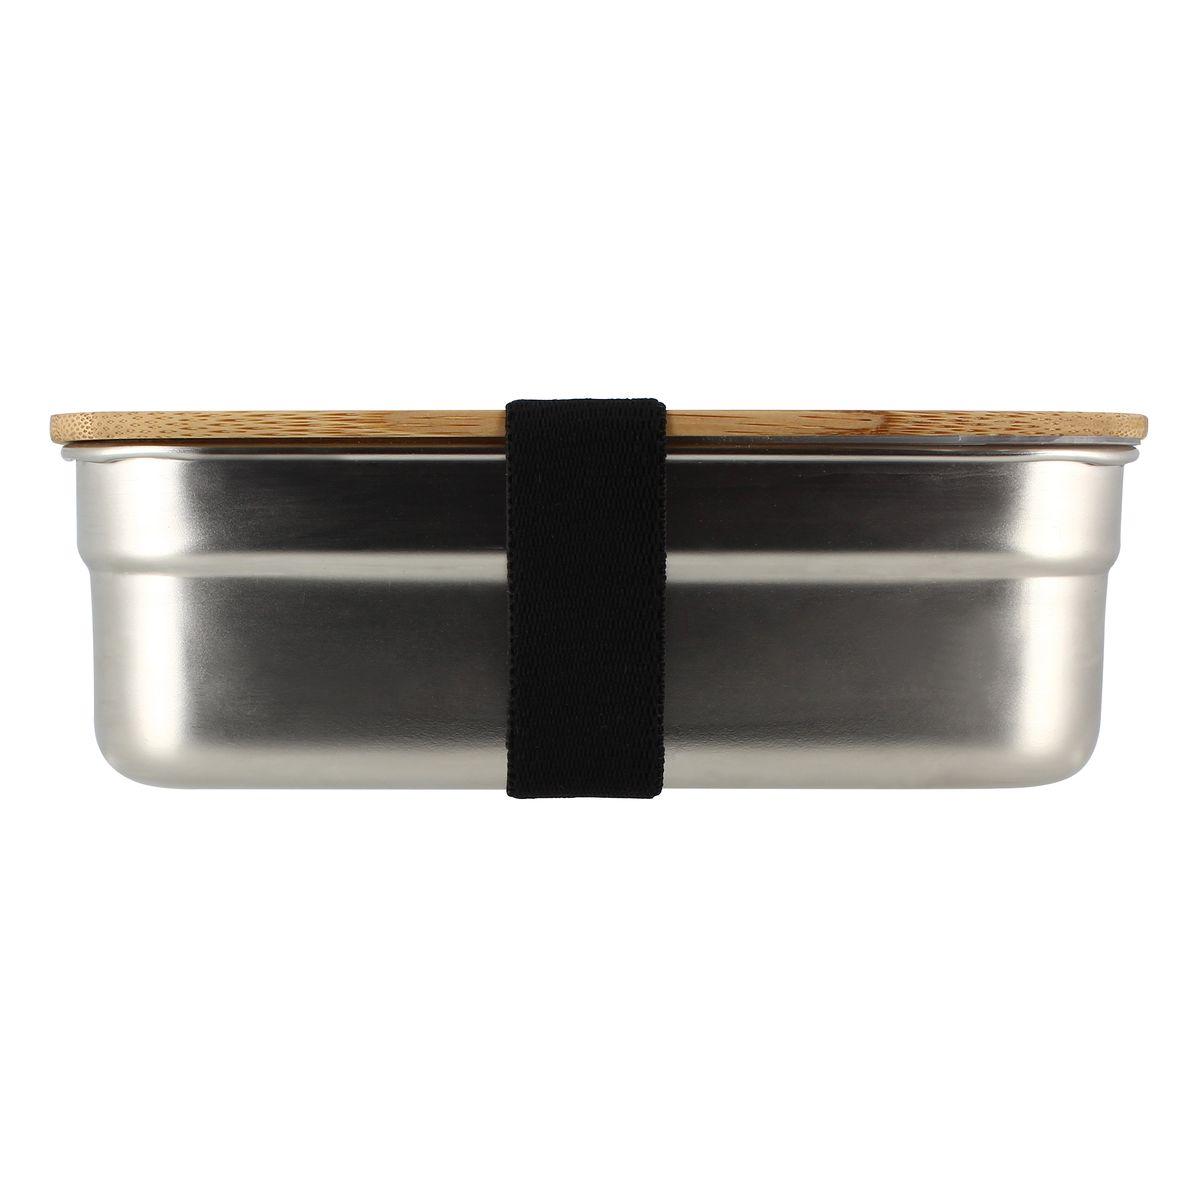 Boîte hermétique avec couvercle en inox et bambou 1,2 L